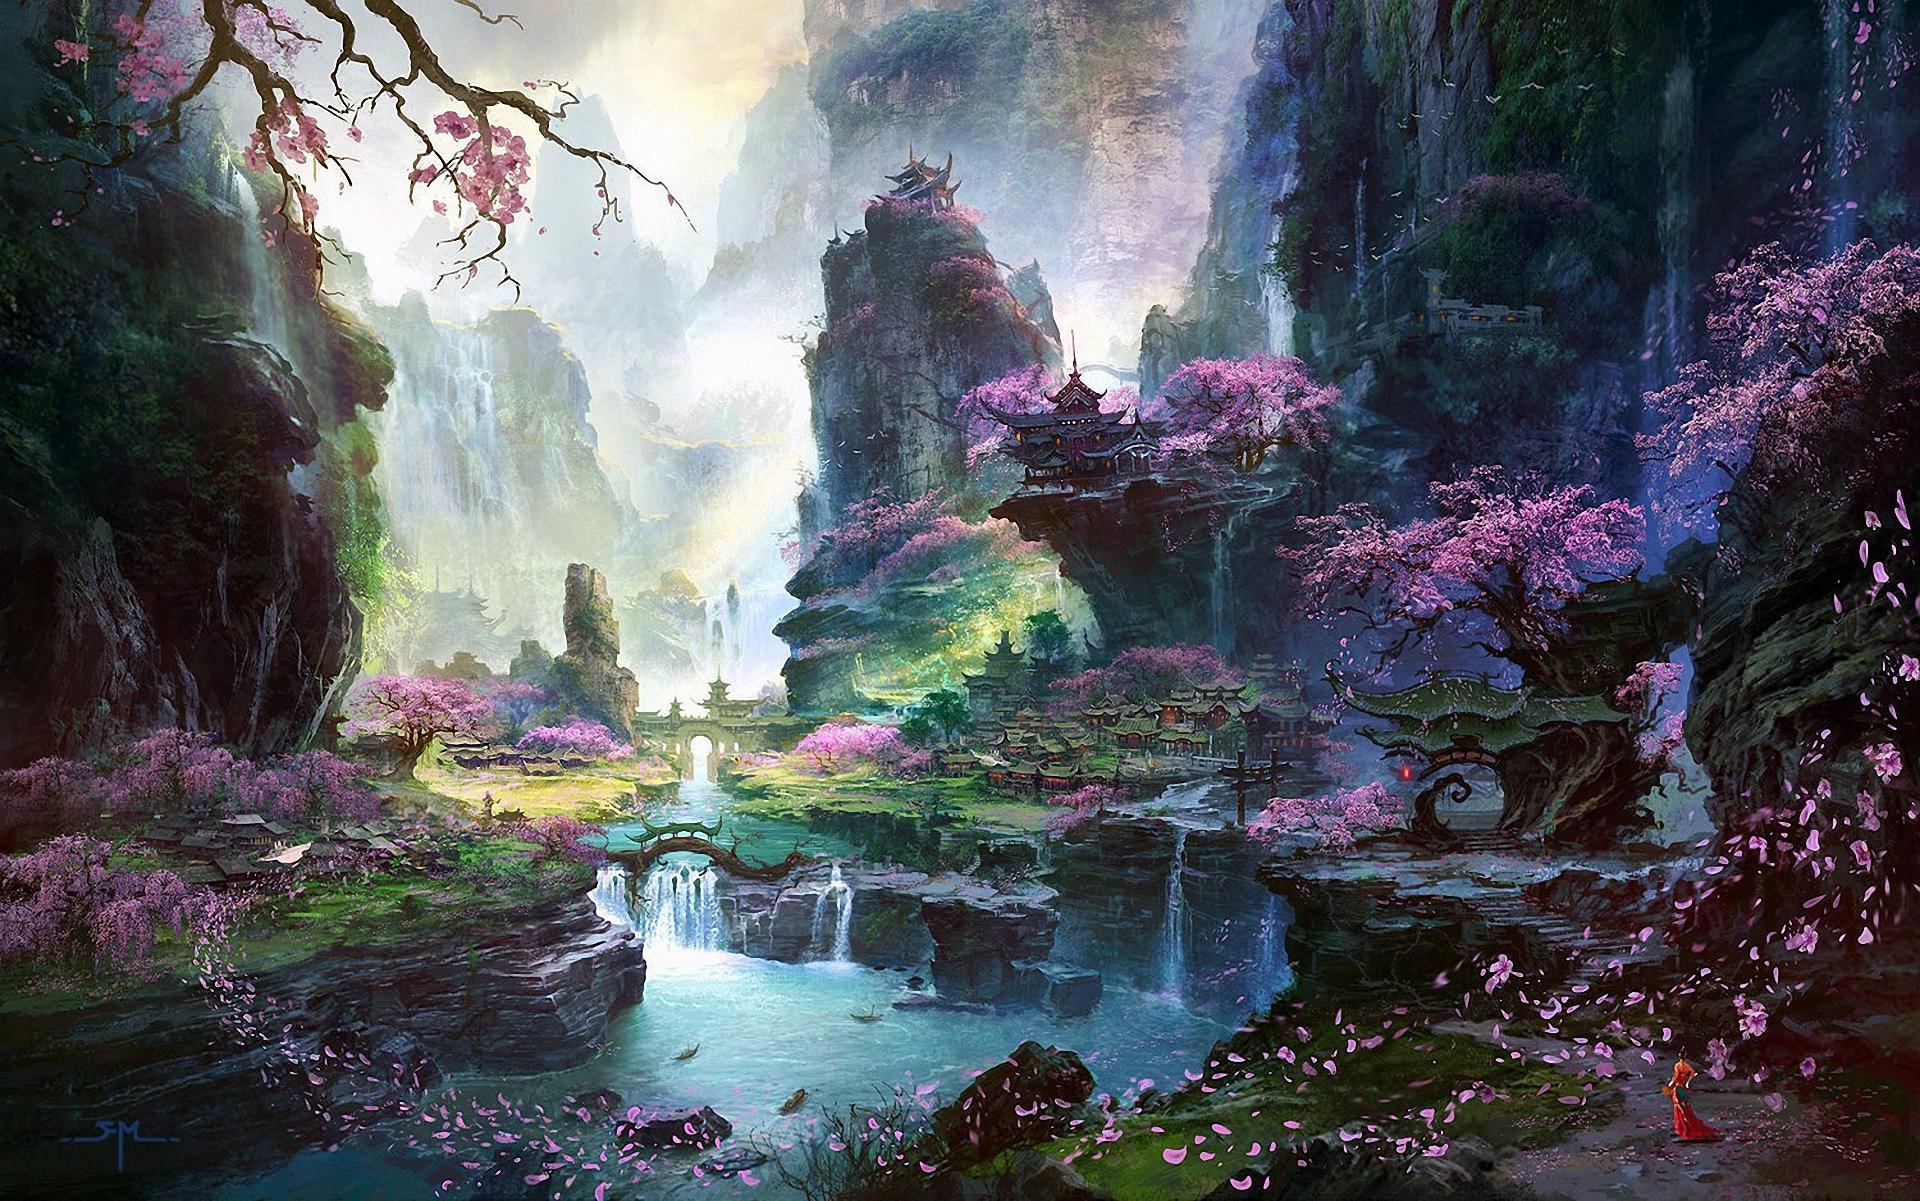 Фото сказочных пейзажей мира лучшие